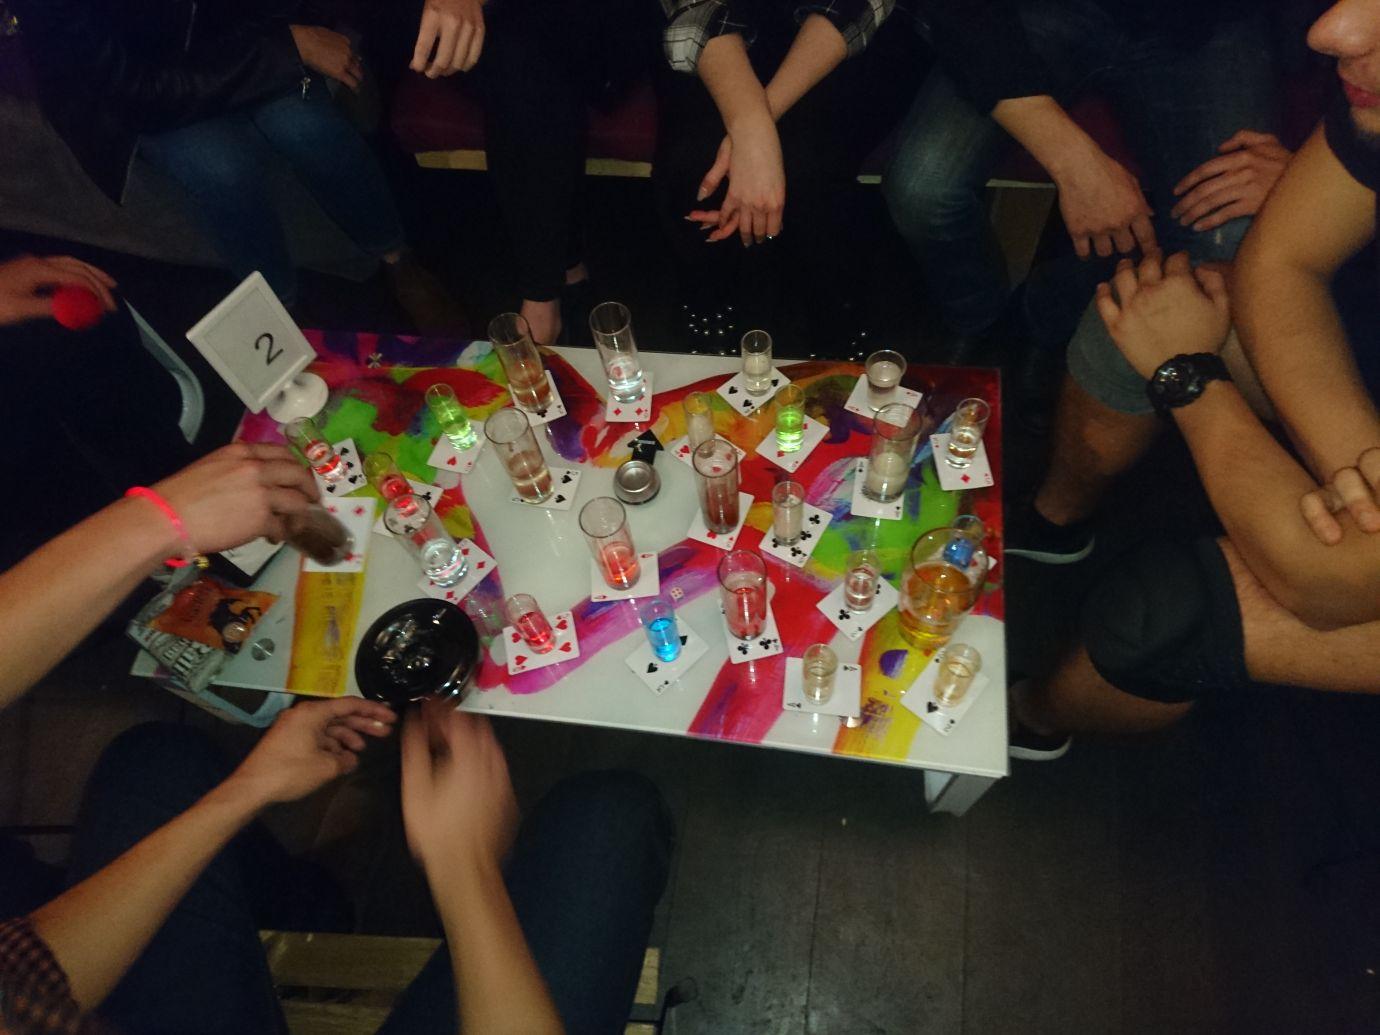 קריפטו. משחקי שתייה שמצריכים קיבולת נאה לכמויות גדולות של אלכוהול